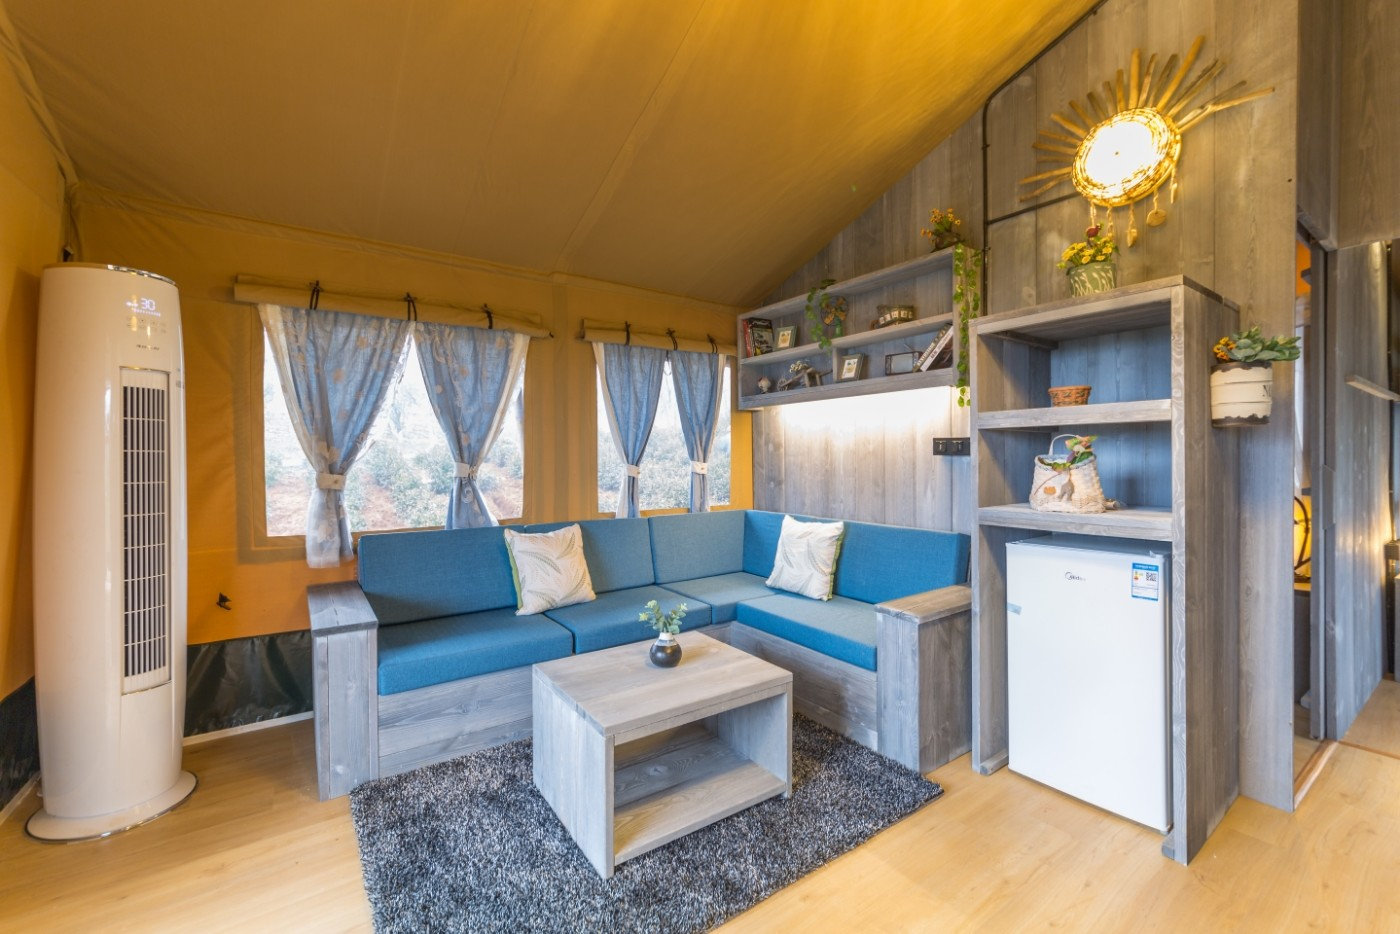 喜马拉雅野奢帐篷酒店—江苏茅山宝盛园(二期)23